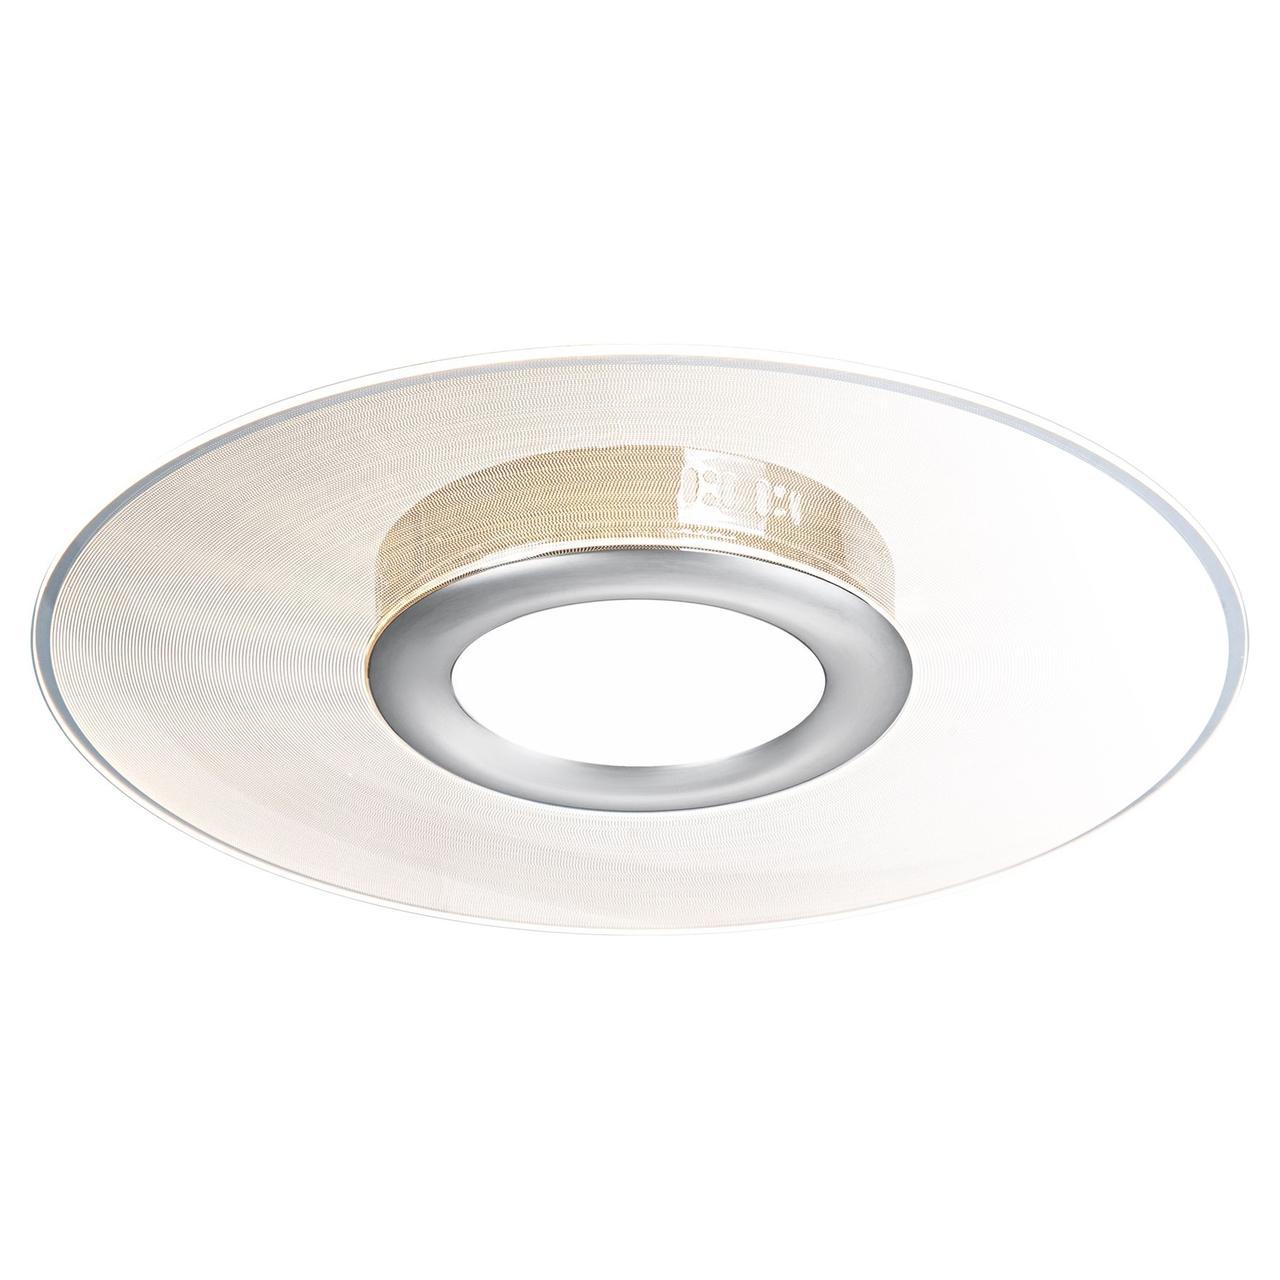 Світлодіодний світильник Intelite IFC-32TW-R-01 32W 3000-6000K